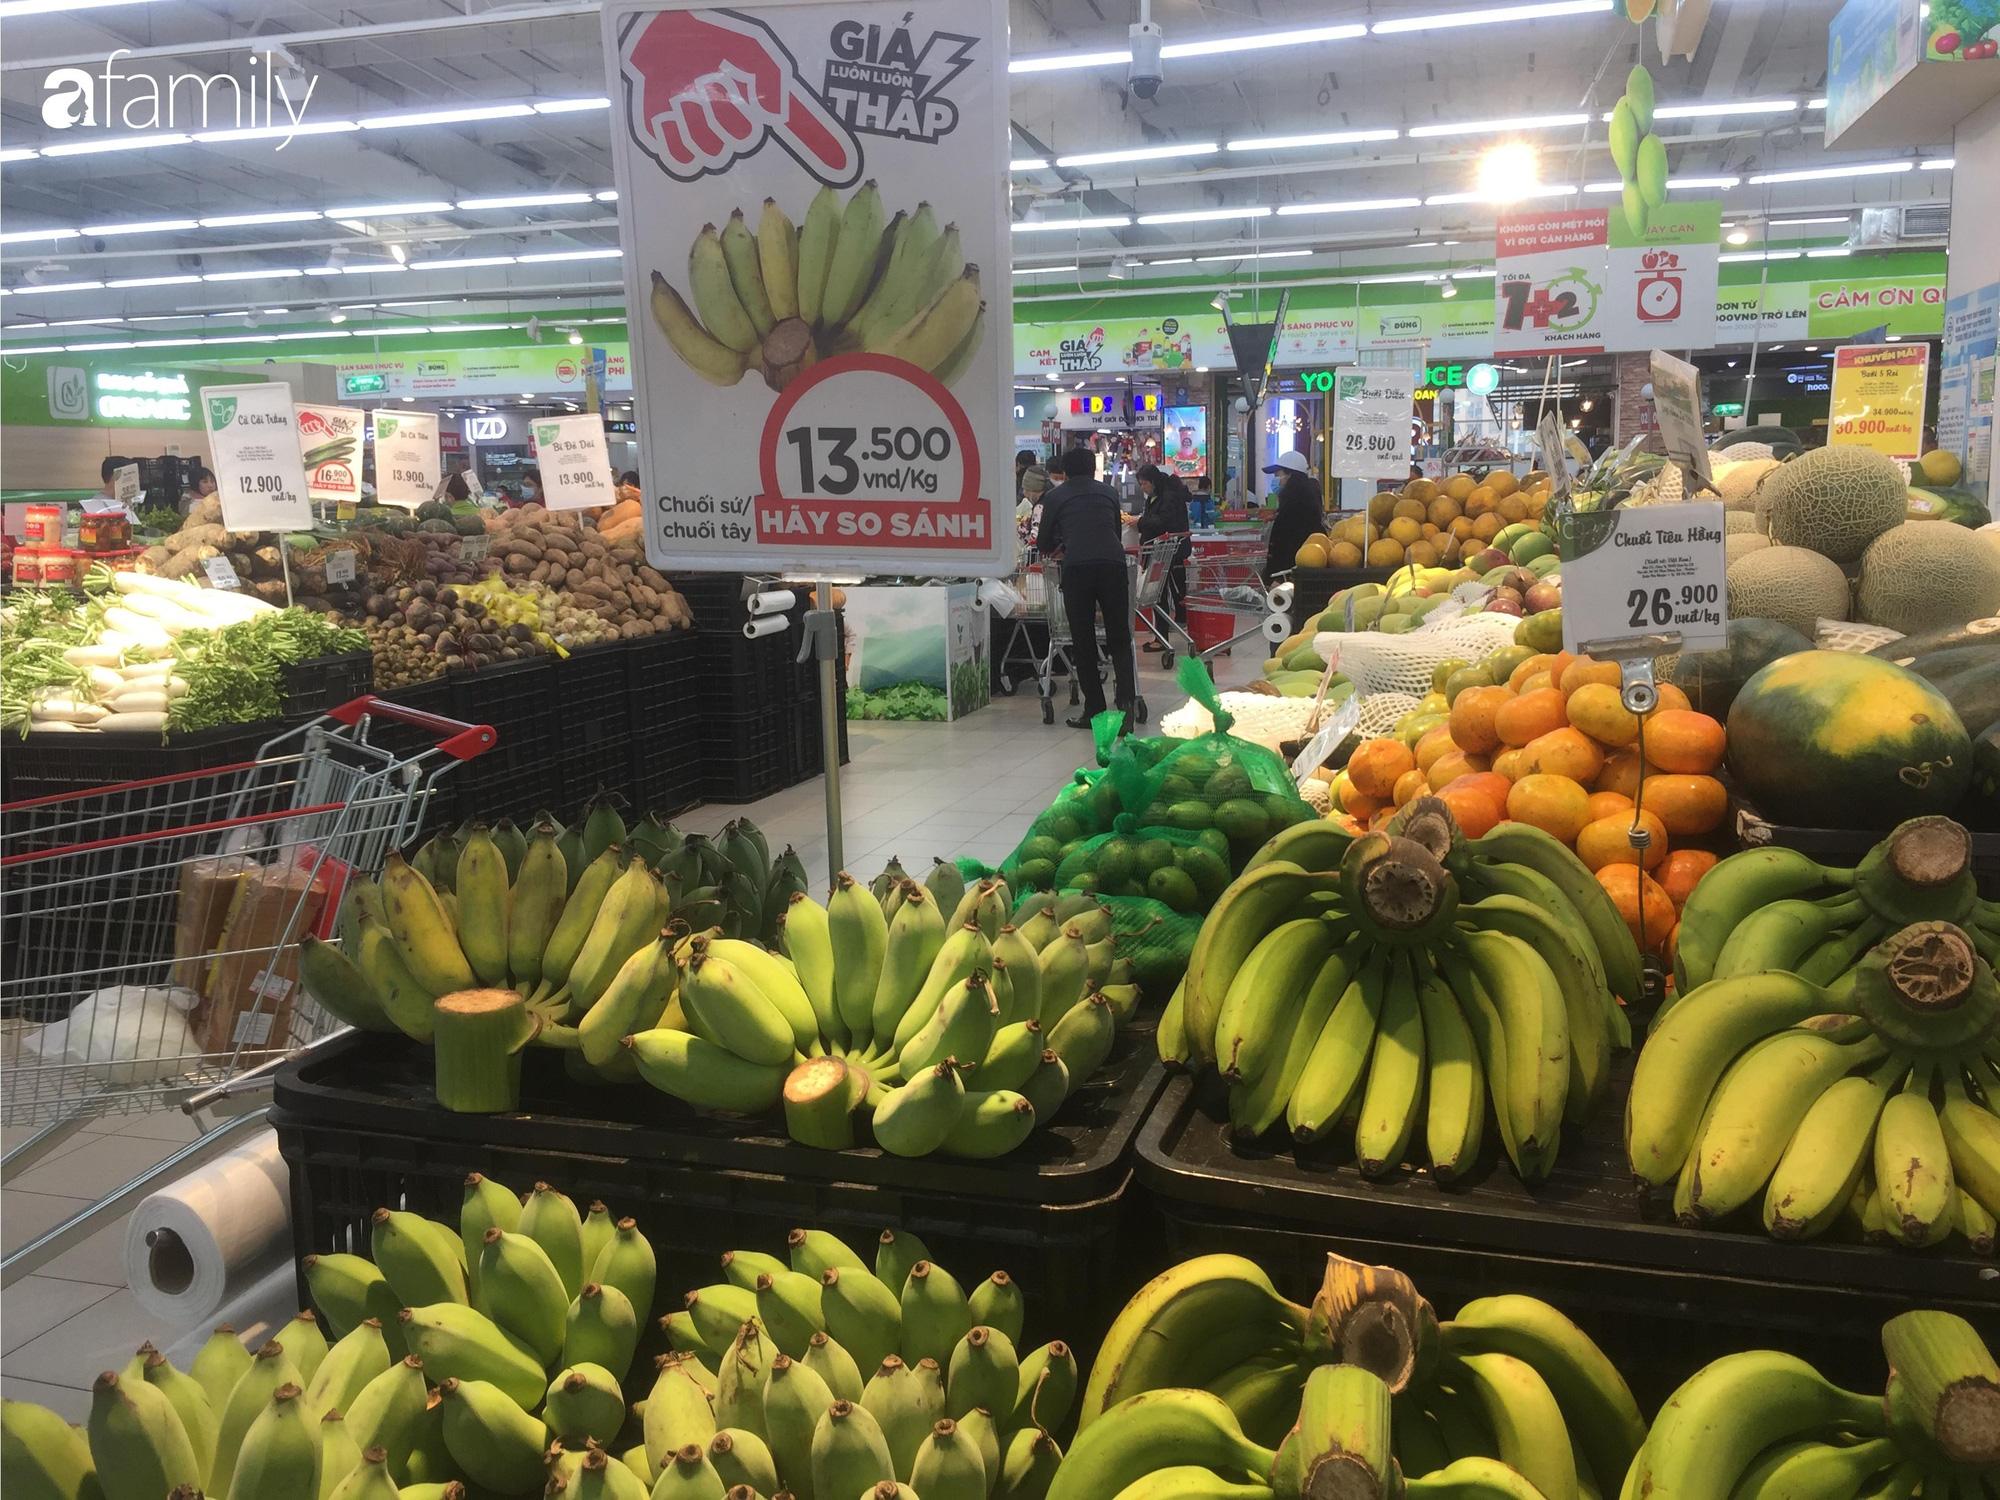 Giá hoa quả trong siêu thị rẻ gấp 3 lần so với thời điểm trước Tết, dưa hấu còn 6.700 đồng/kg - Ảnh 8.